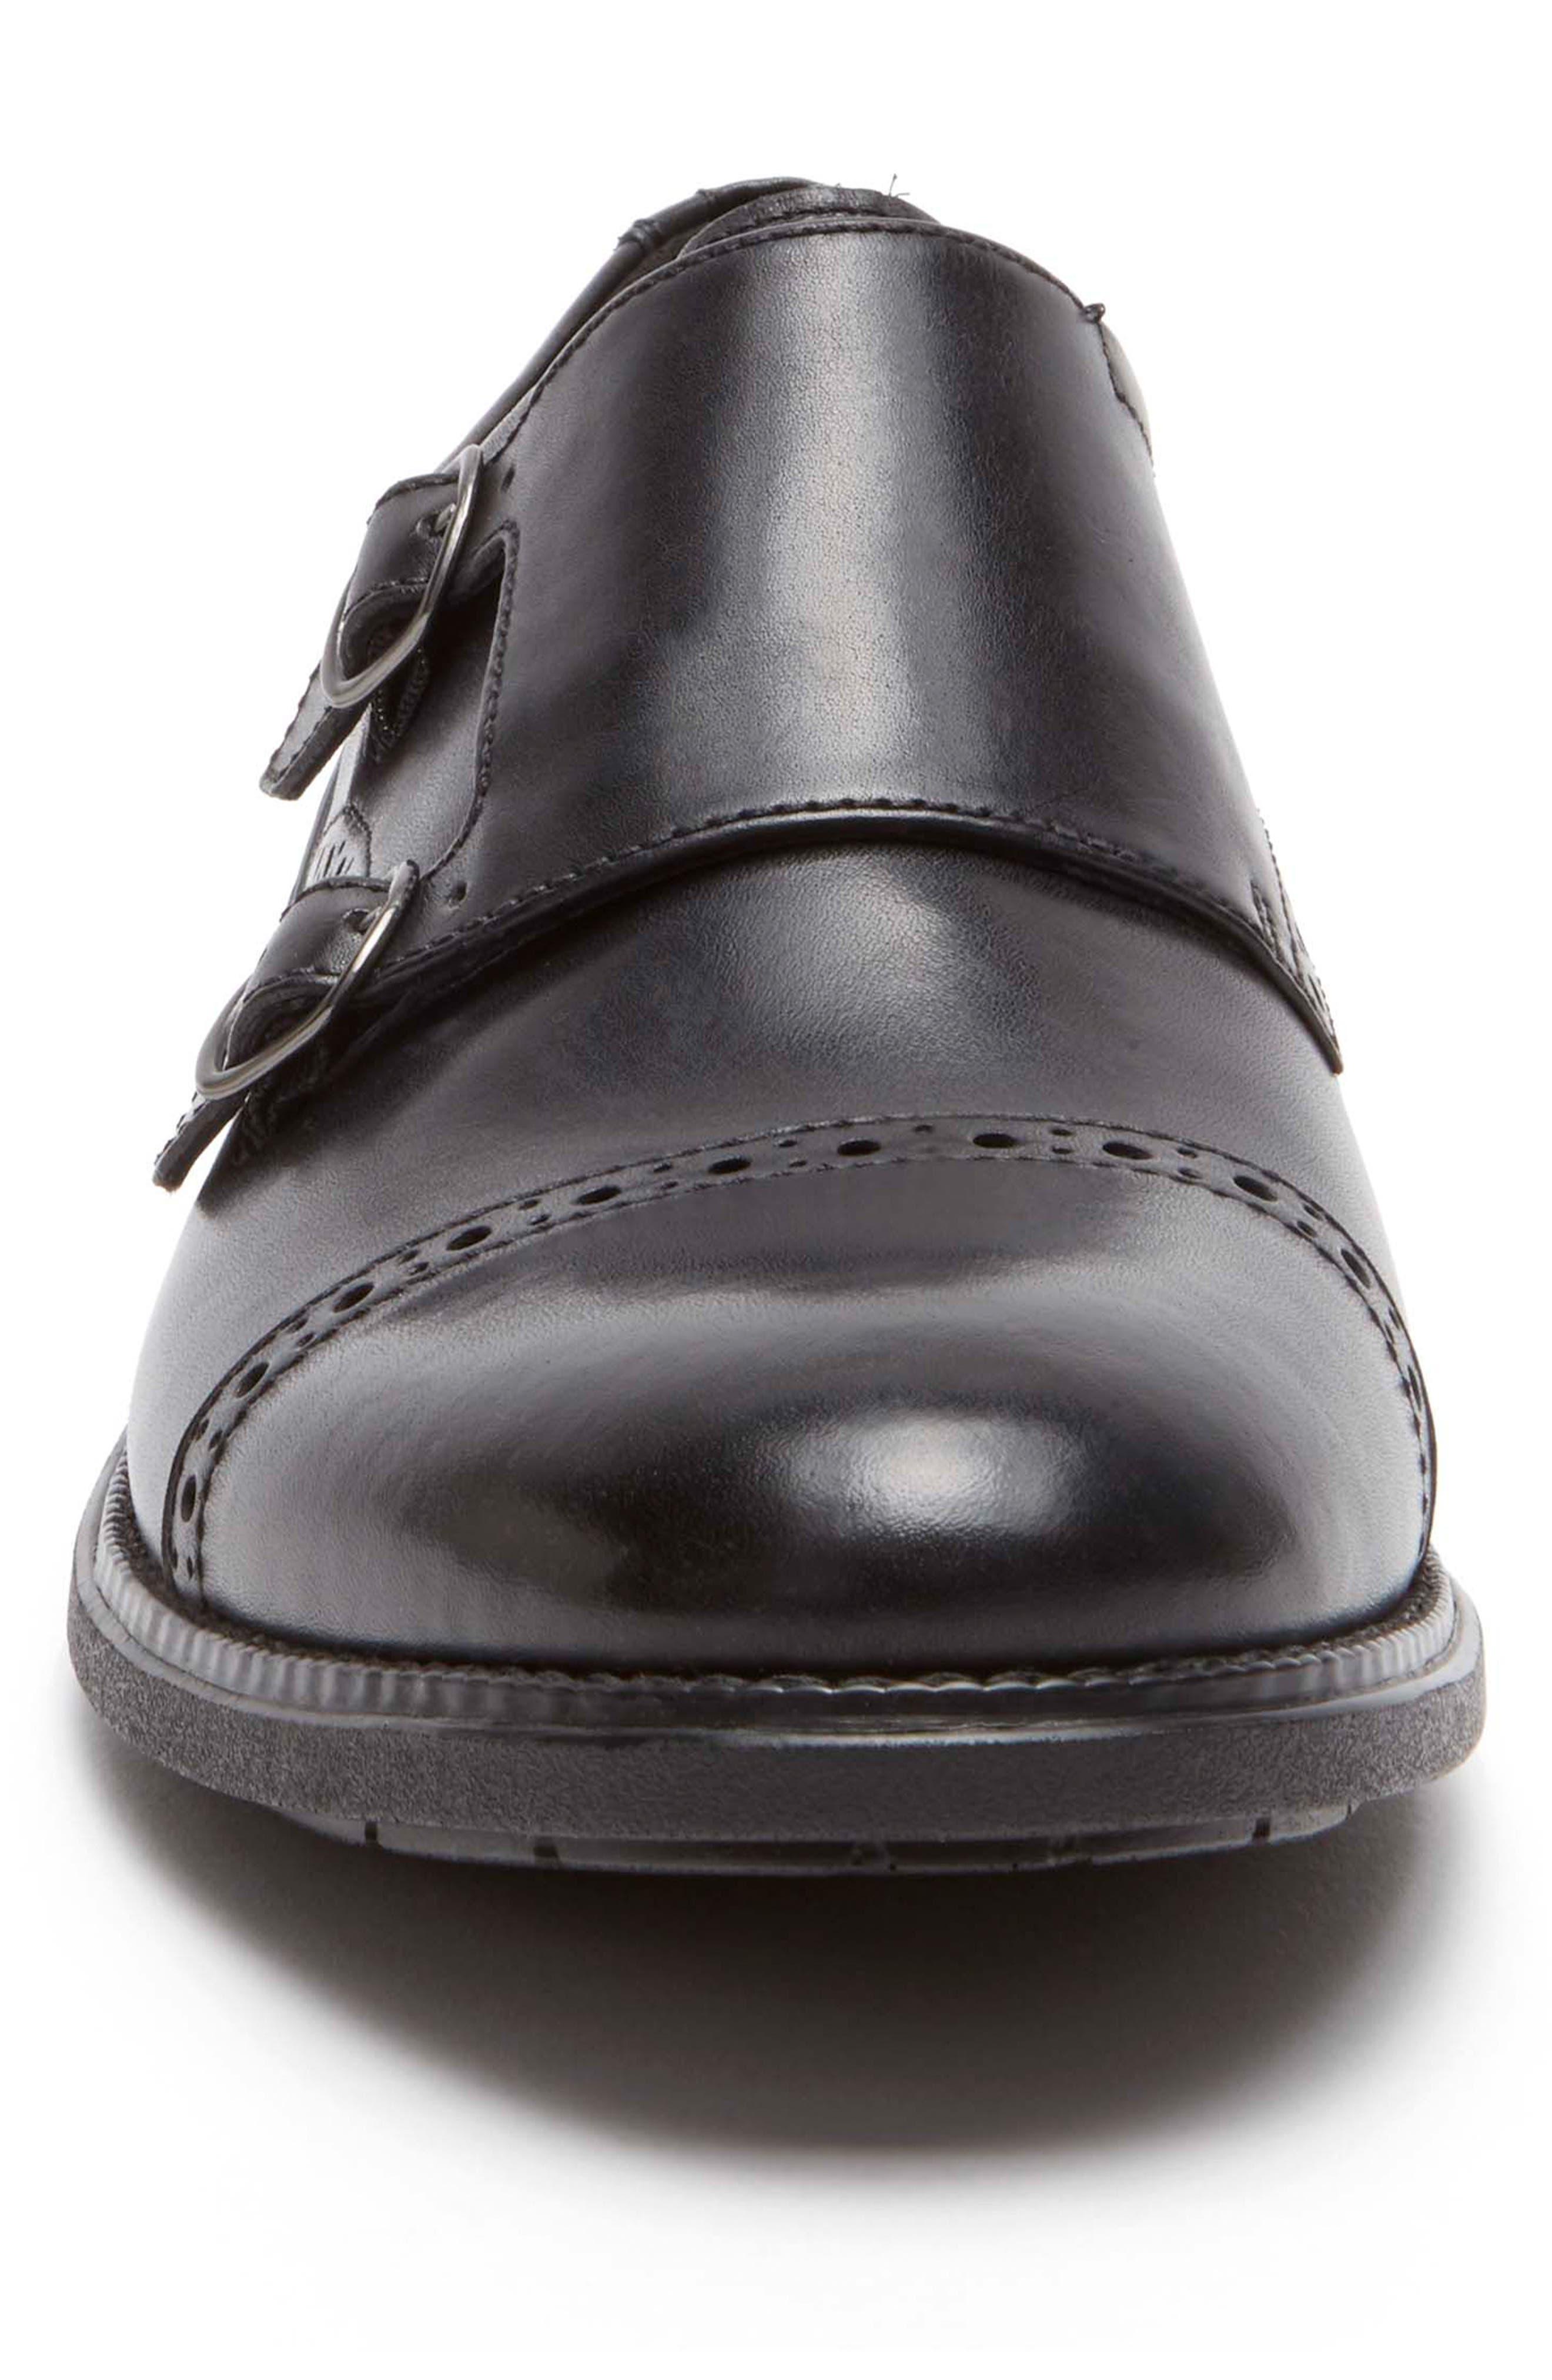 Madson Double Monk Strap Shoe,                             Alternate thumbnail 4, color,                             001